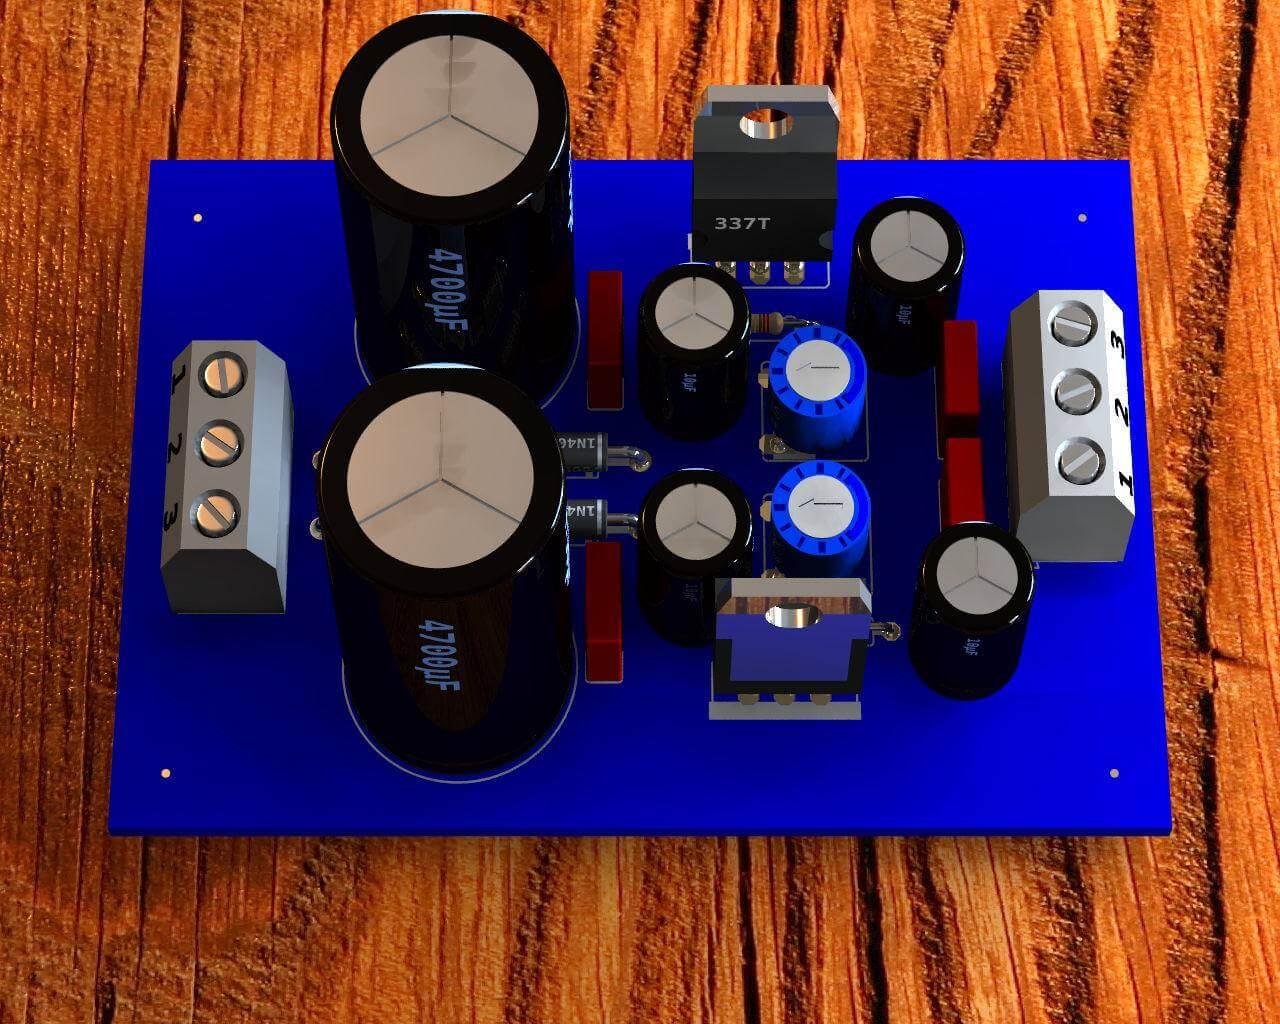 Circuito de fonte de alimentação simétrica ajustável estabilizada utilizando cis reguladores LM317 e LM337 / +- 1.2 a 30 Volts